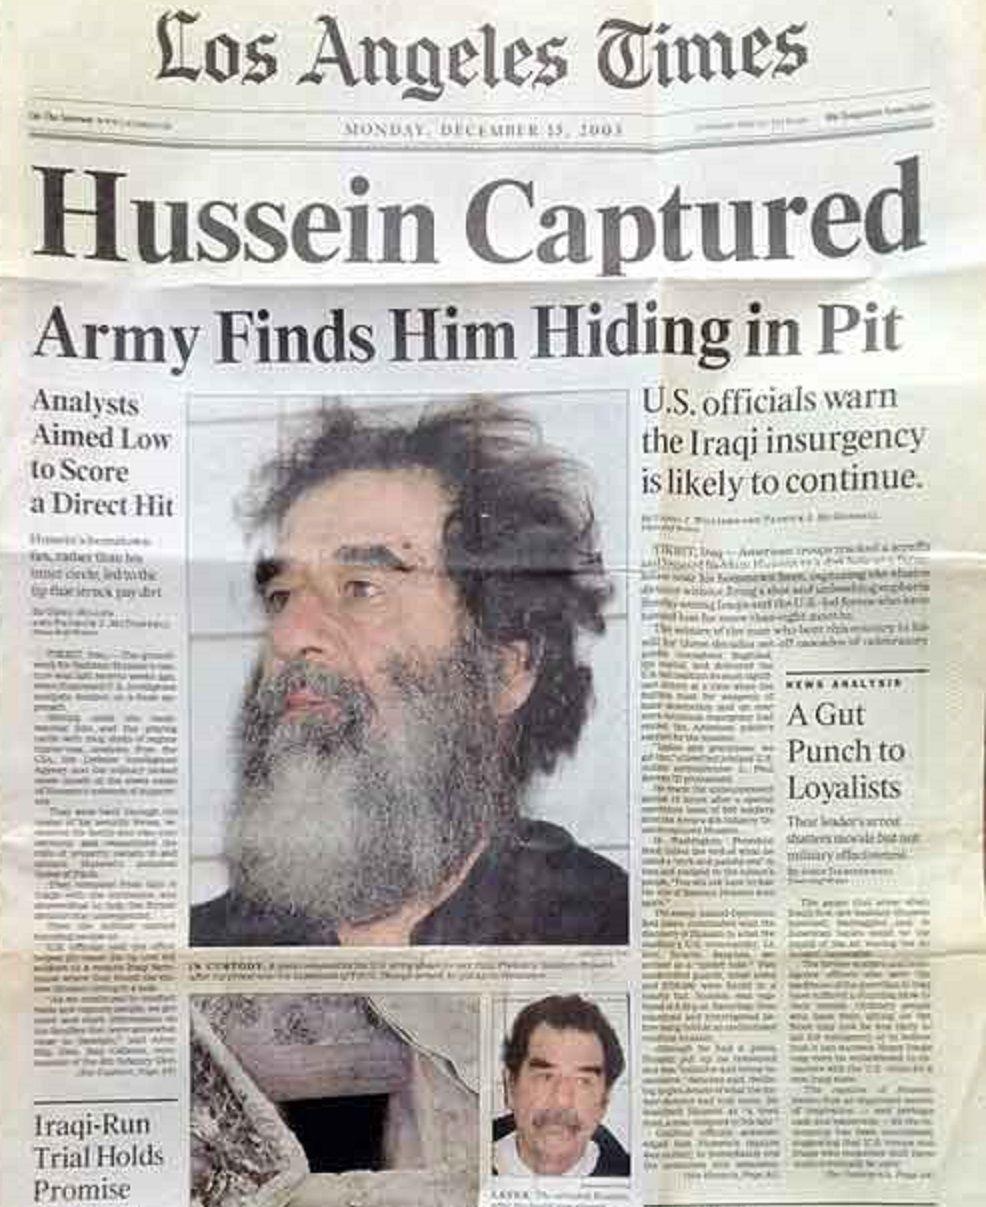 صدام حسین کو امریکی فوجیوں نے کیسے گرفتار کیا تھا؟نئی تفصیلات منظرعام پر آگئی!